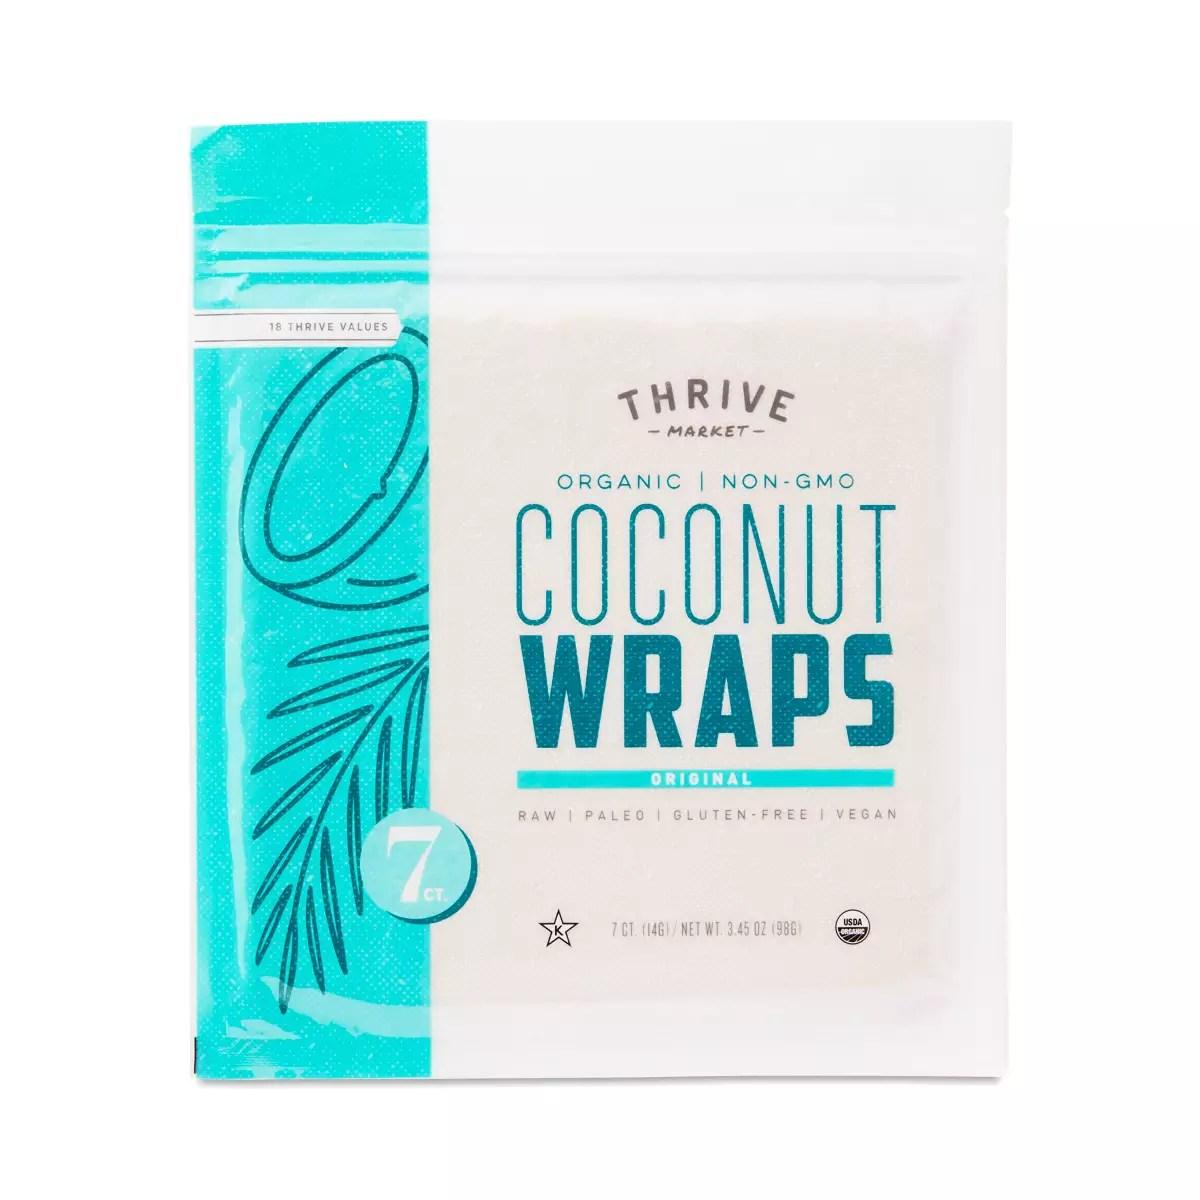 Organic Original Coconut Wraps